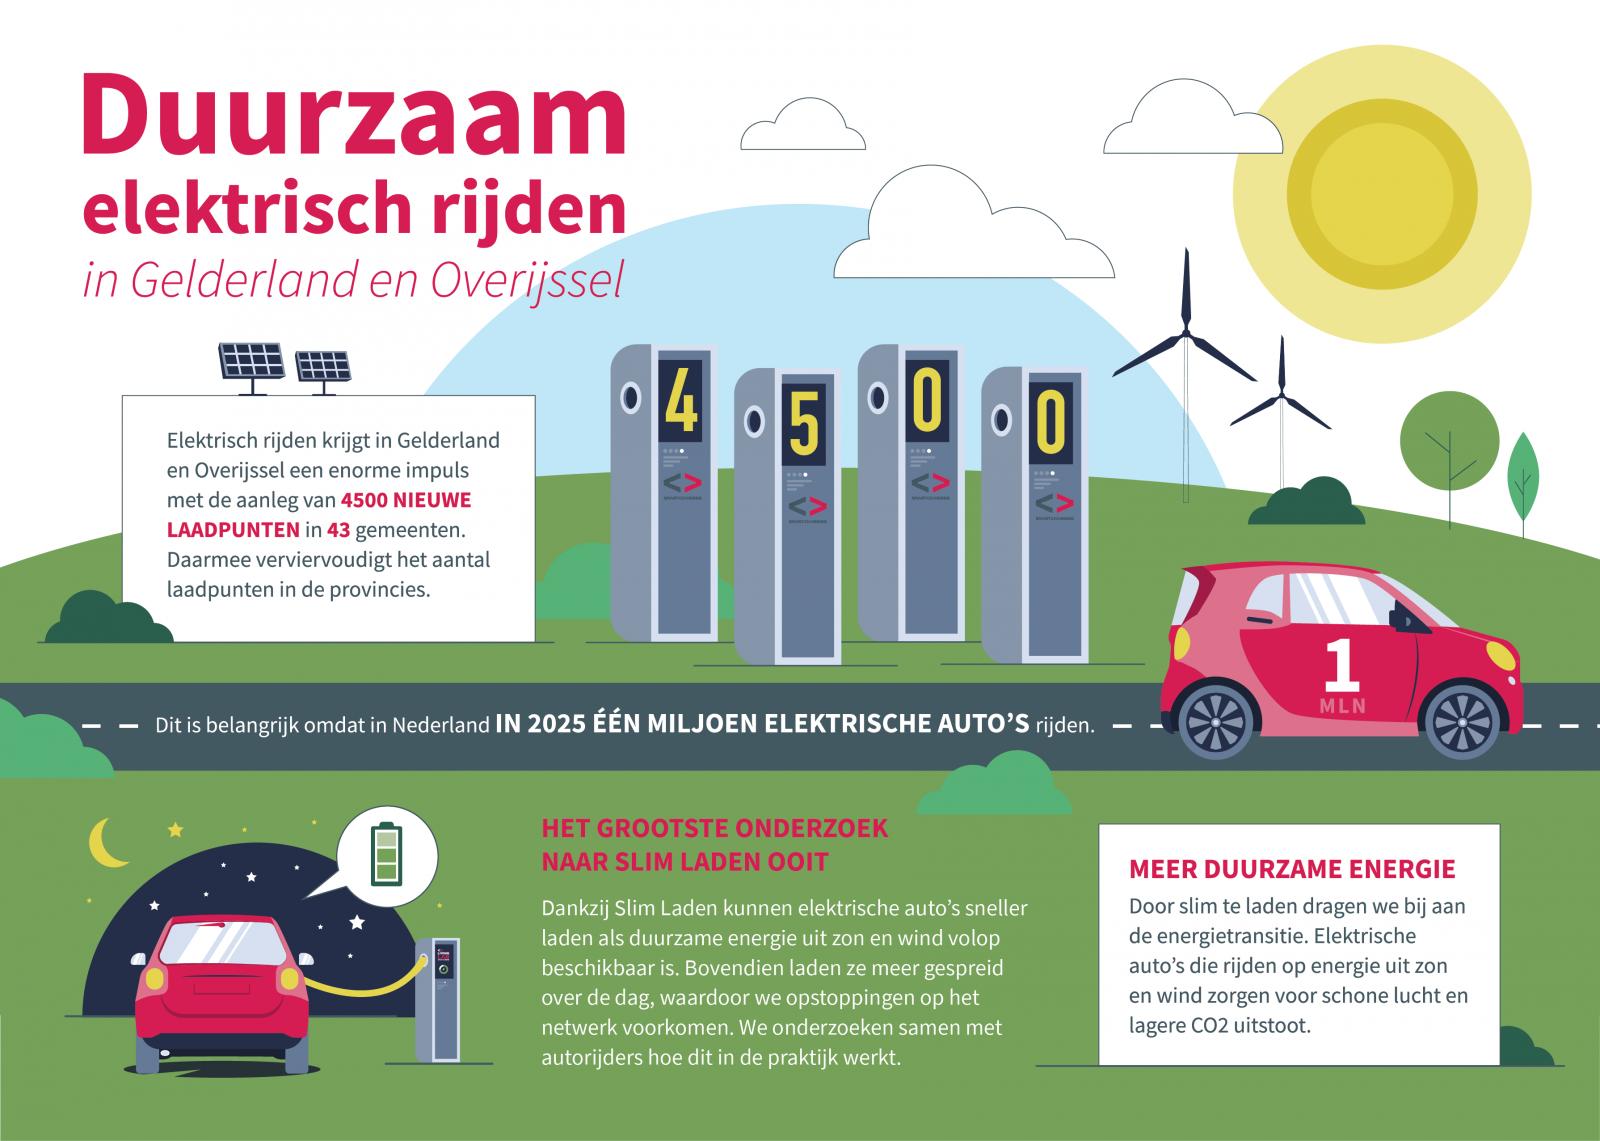 Smart Charging Op 4500 Nieuwe Laadpunten Wat Gaat Er Gebeuren In